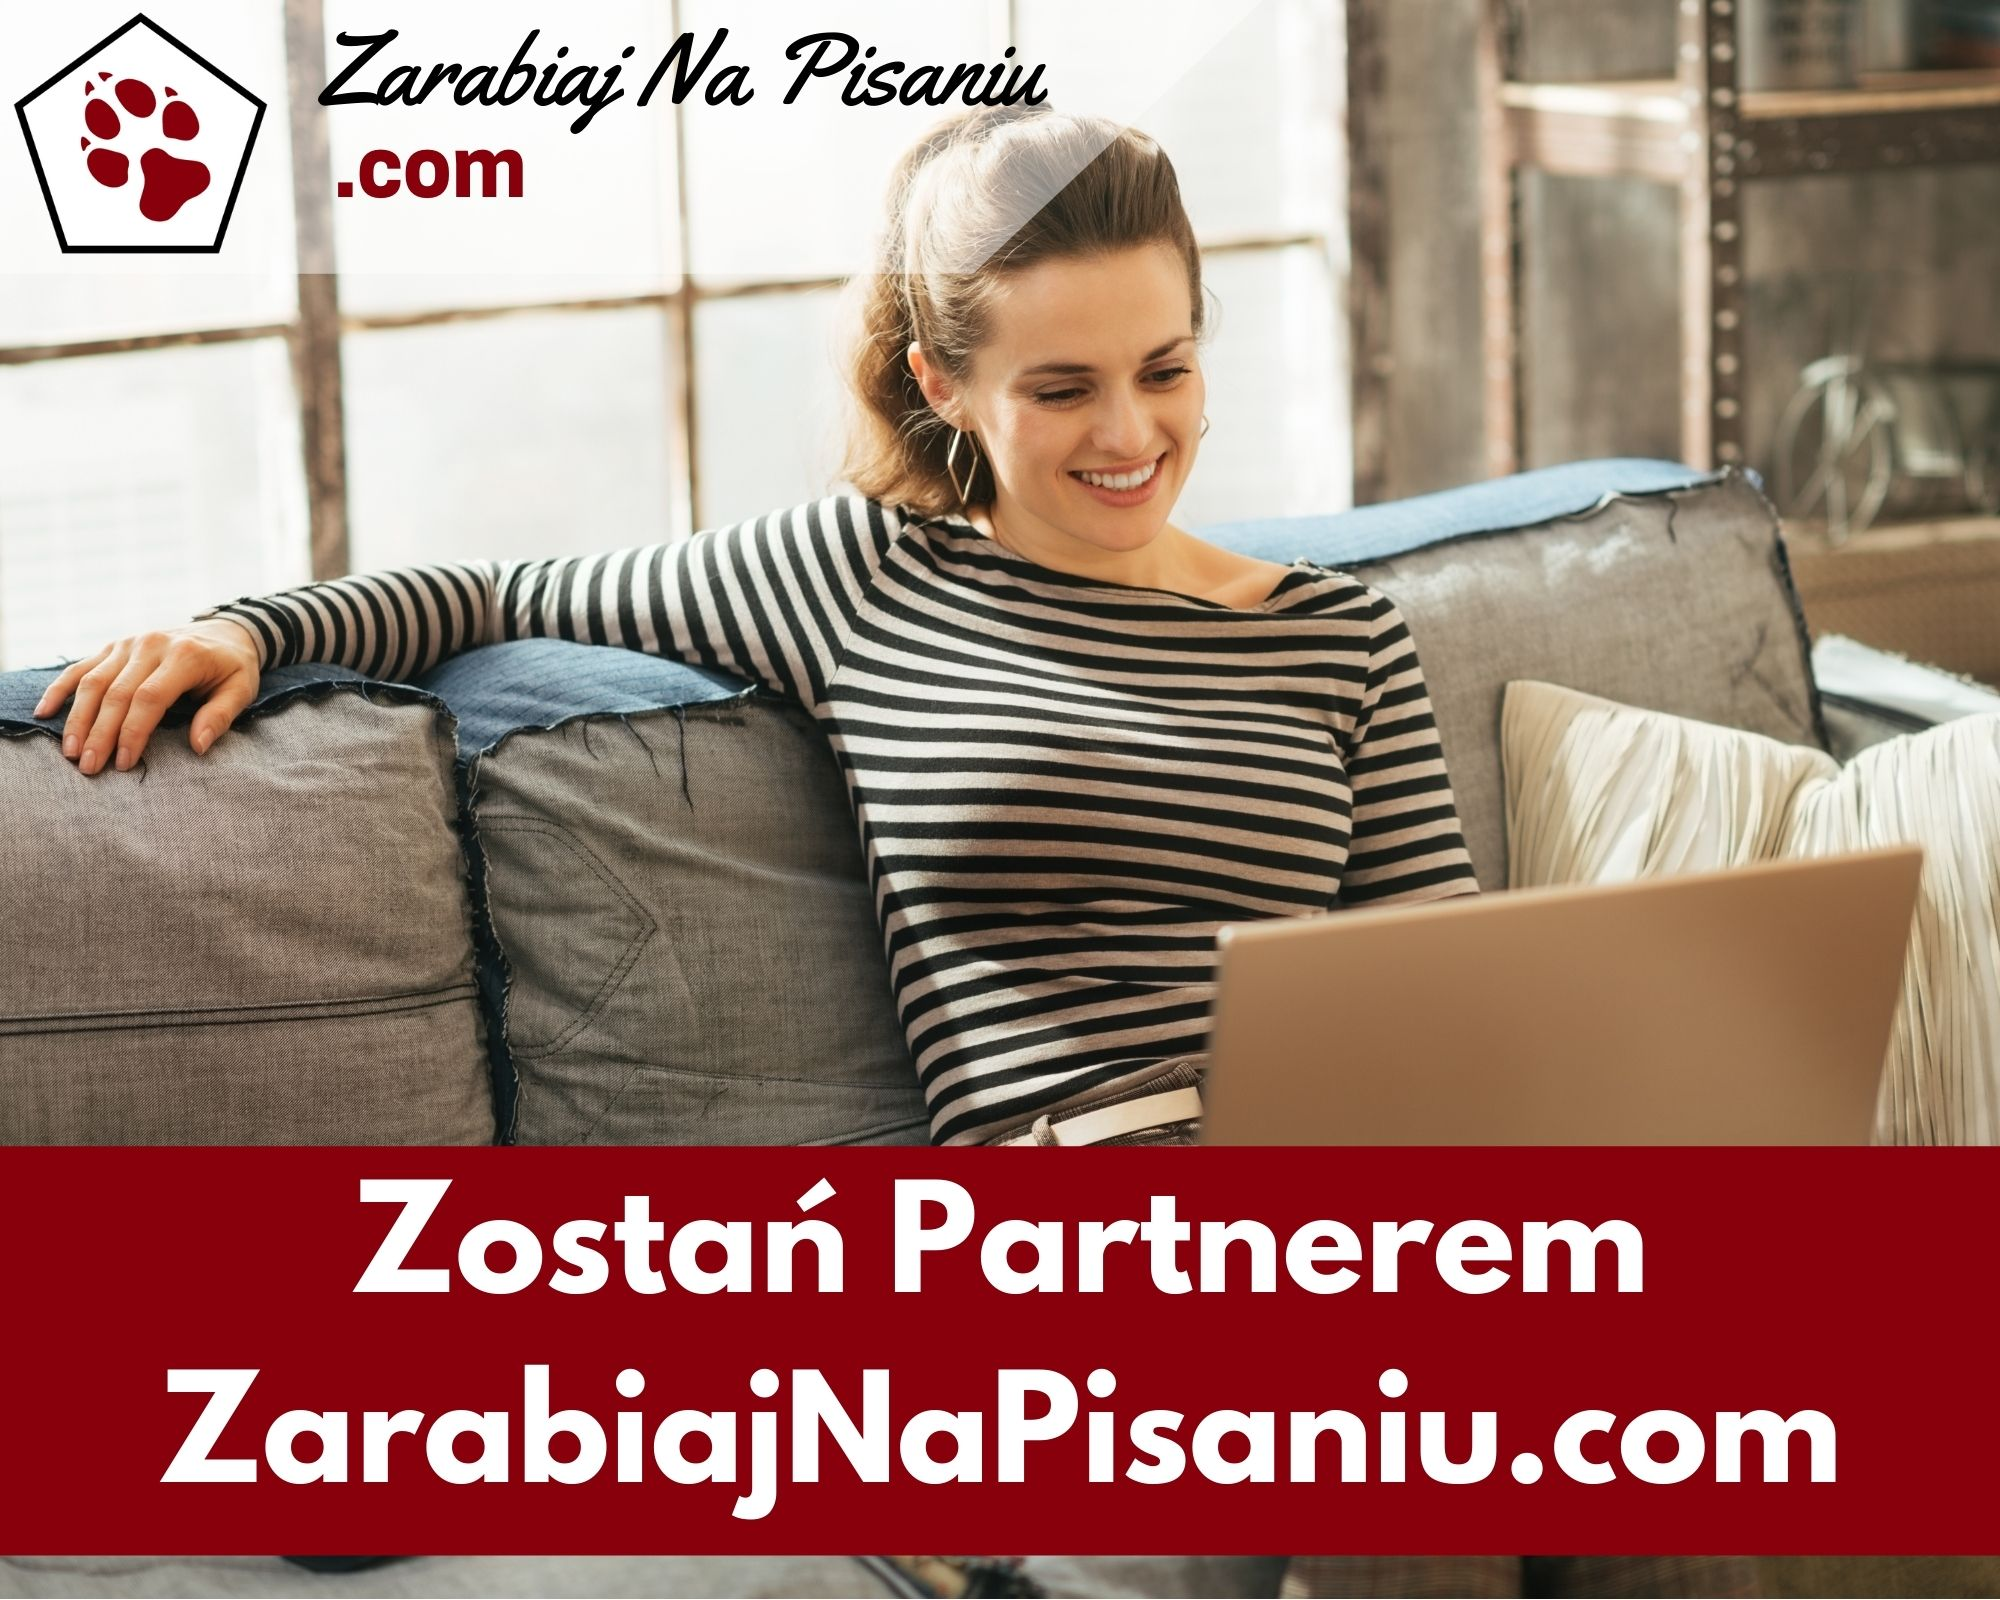 Obraz przedstawiający jak wygląda program partnerski portalu zarabiajnapisaniu.com